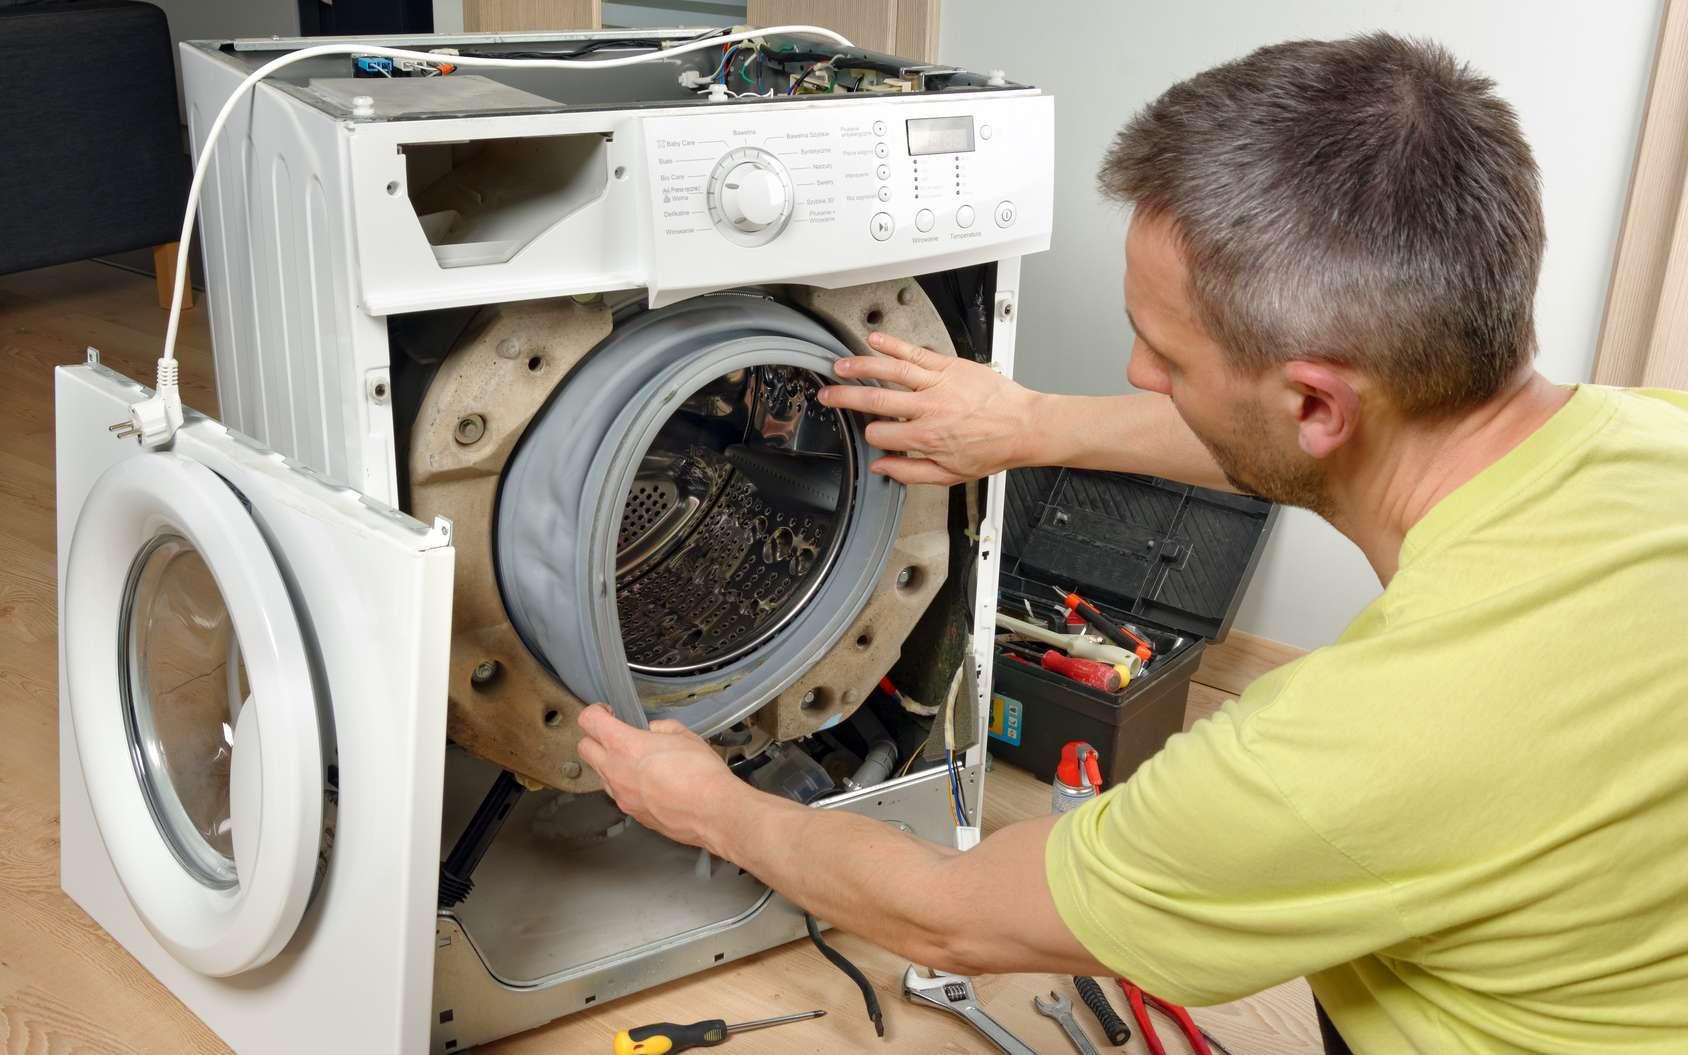 2,7 millions de nouvelles machines à laver le linge sont vendues chaque année en France. © Gpmax, Fotolia